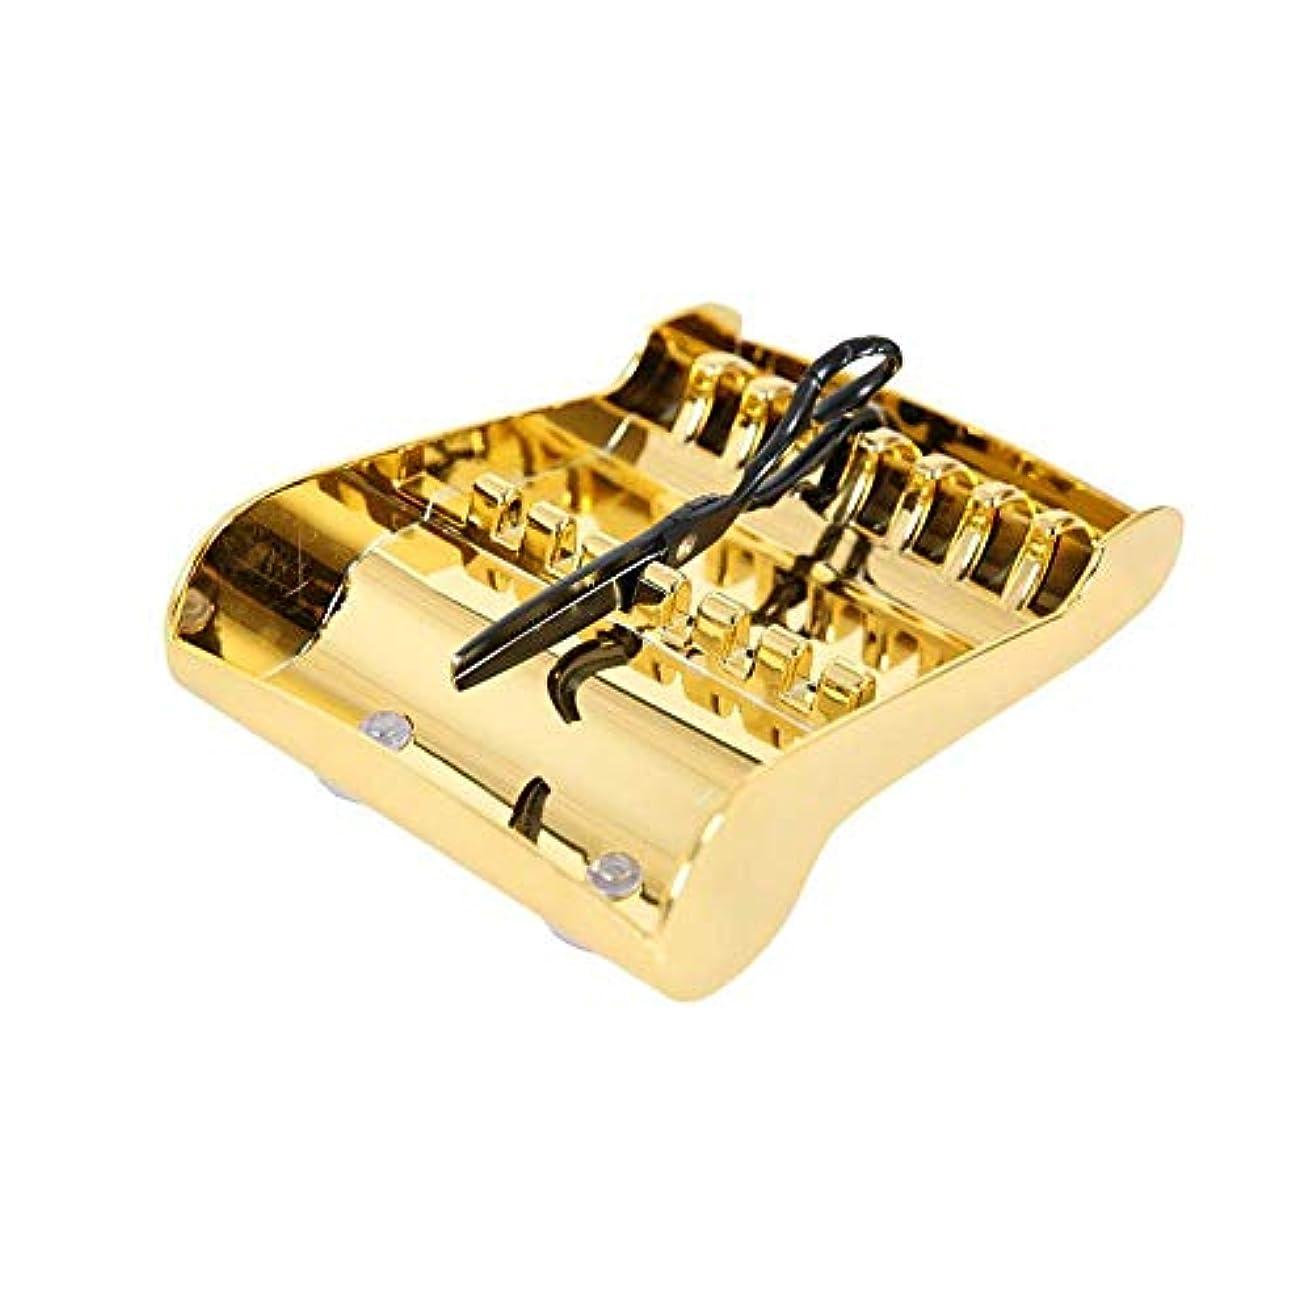 住所口頭ハンディはさみのディスプレイラック毎日のはさみ収納ラックツールホルダー用ヘアスタイリスト20.5 13.8 5.5Cm(ゴールド)